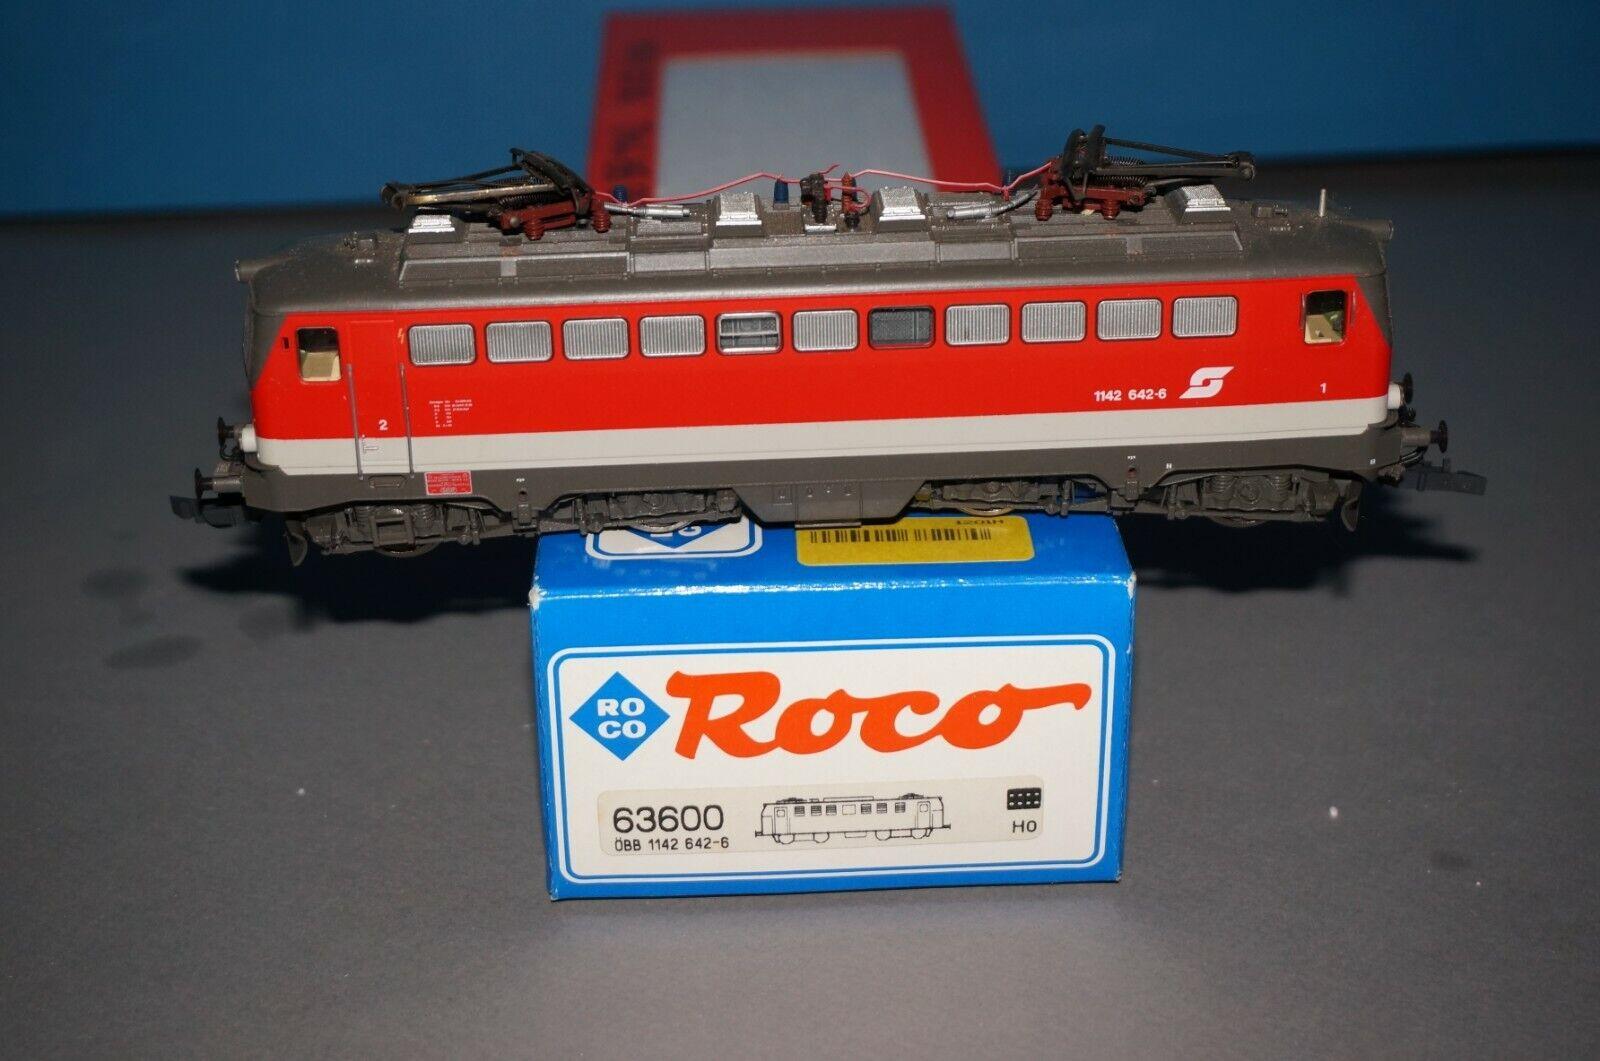 RF-35] ROCO 63600 - H0 - E-Lok - ÖBB 1142 642-6 - Analog+DSS OVP -fährt